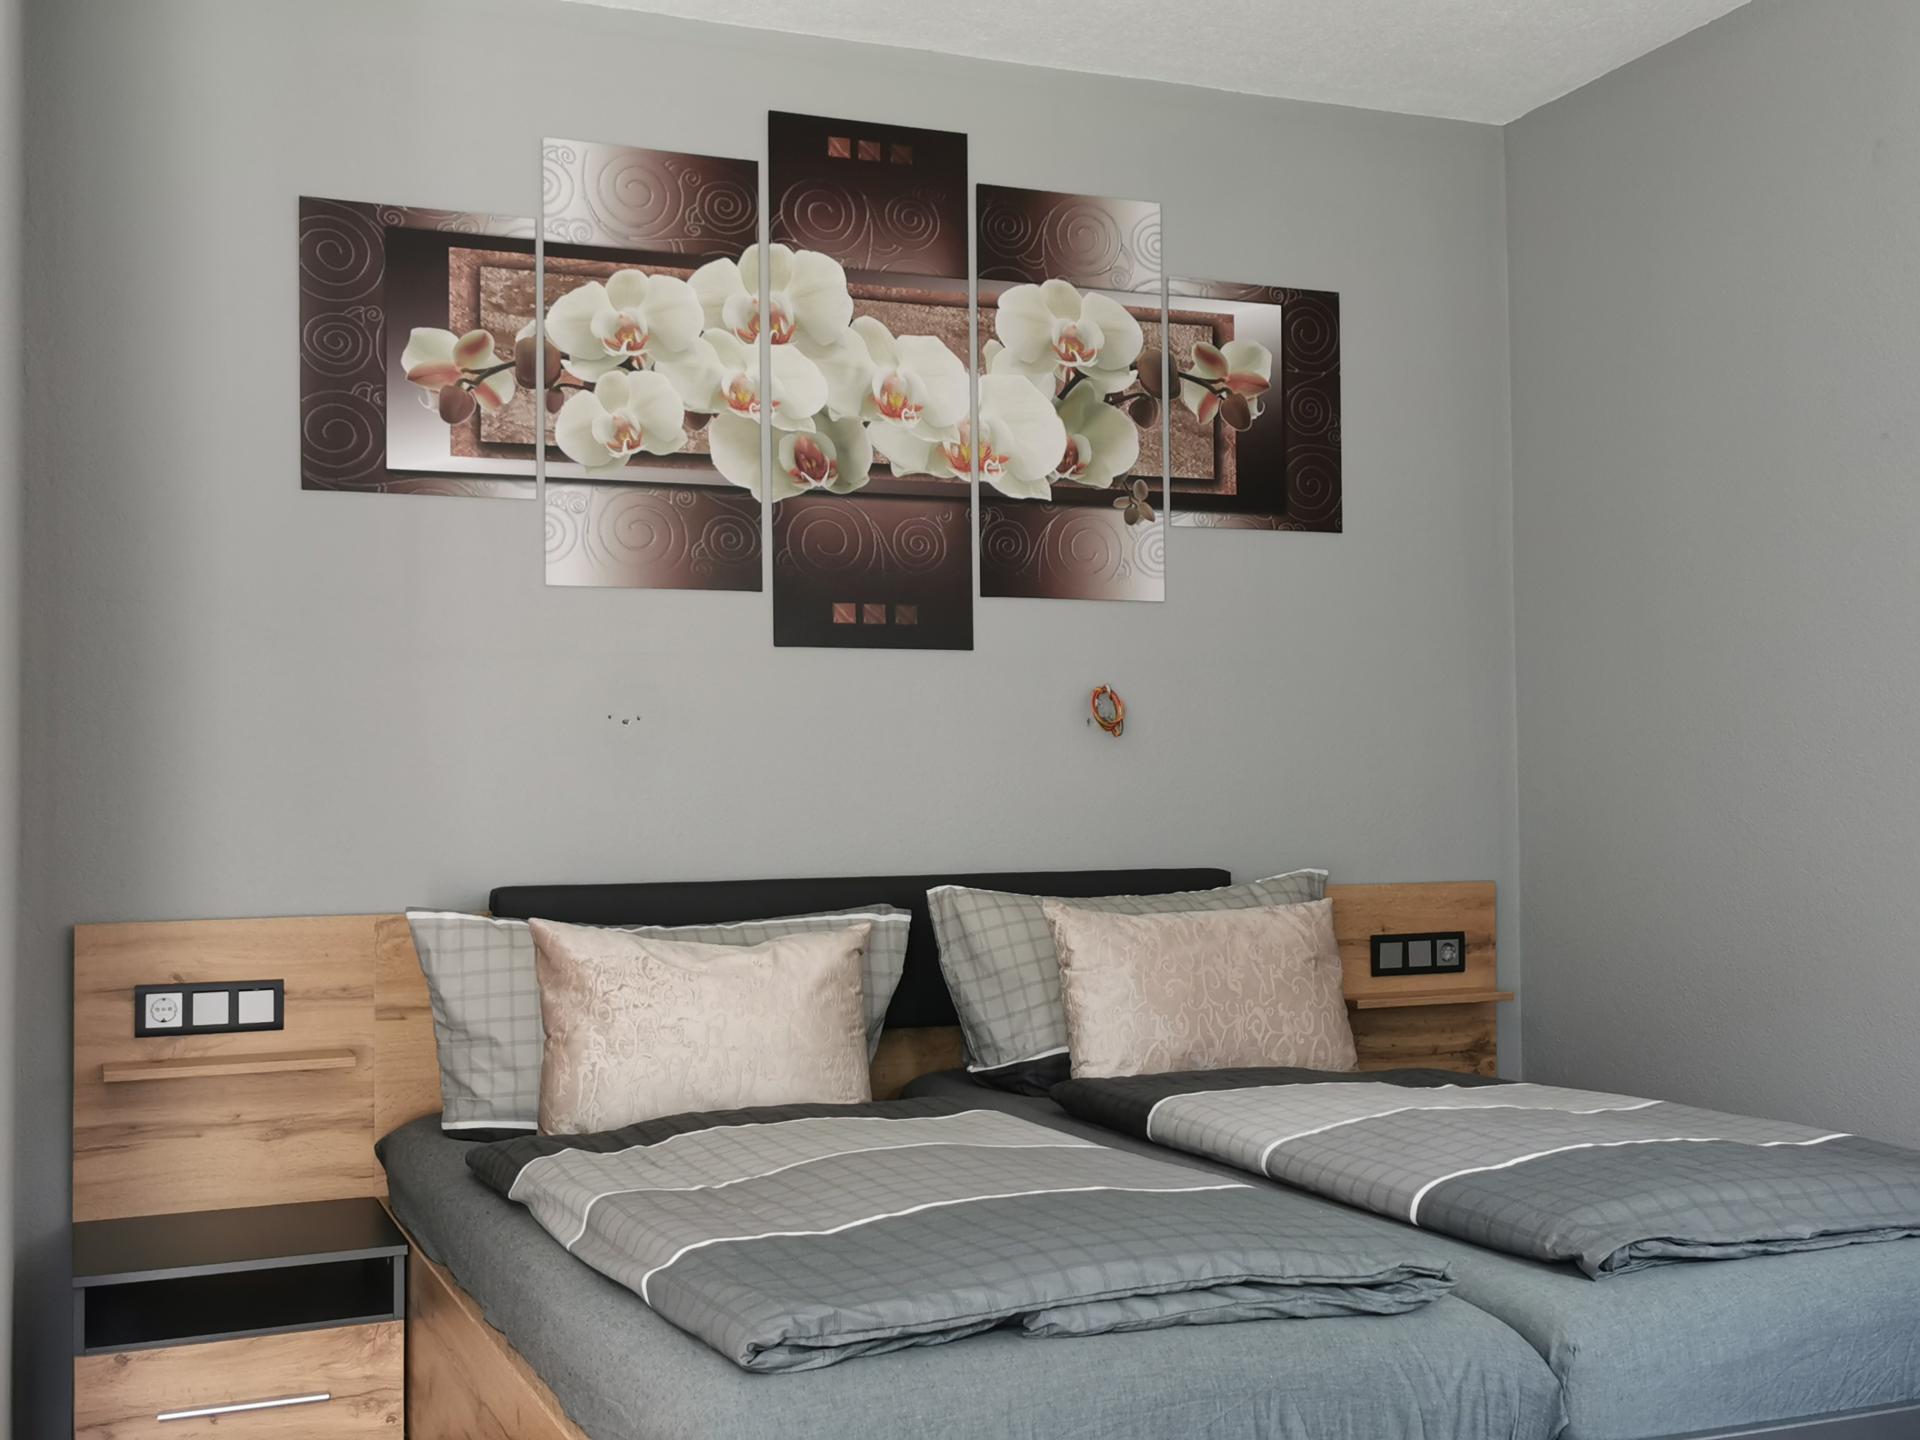 Appartement #Bildergalerie#Ferienwohnung#Wohneinheiten